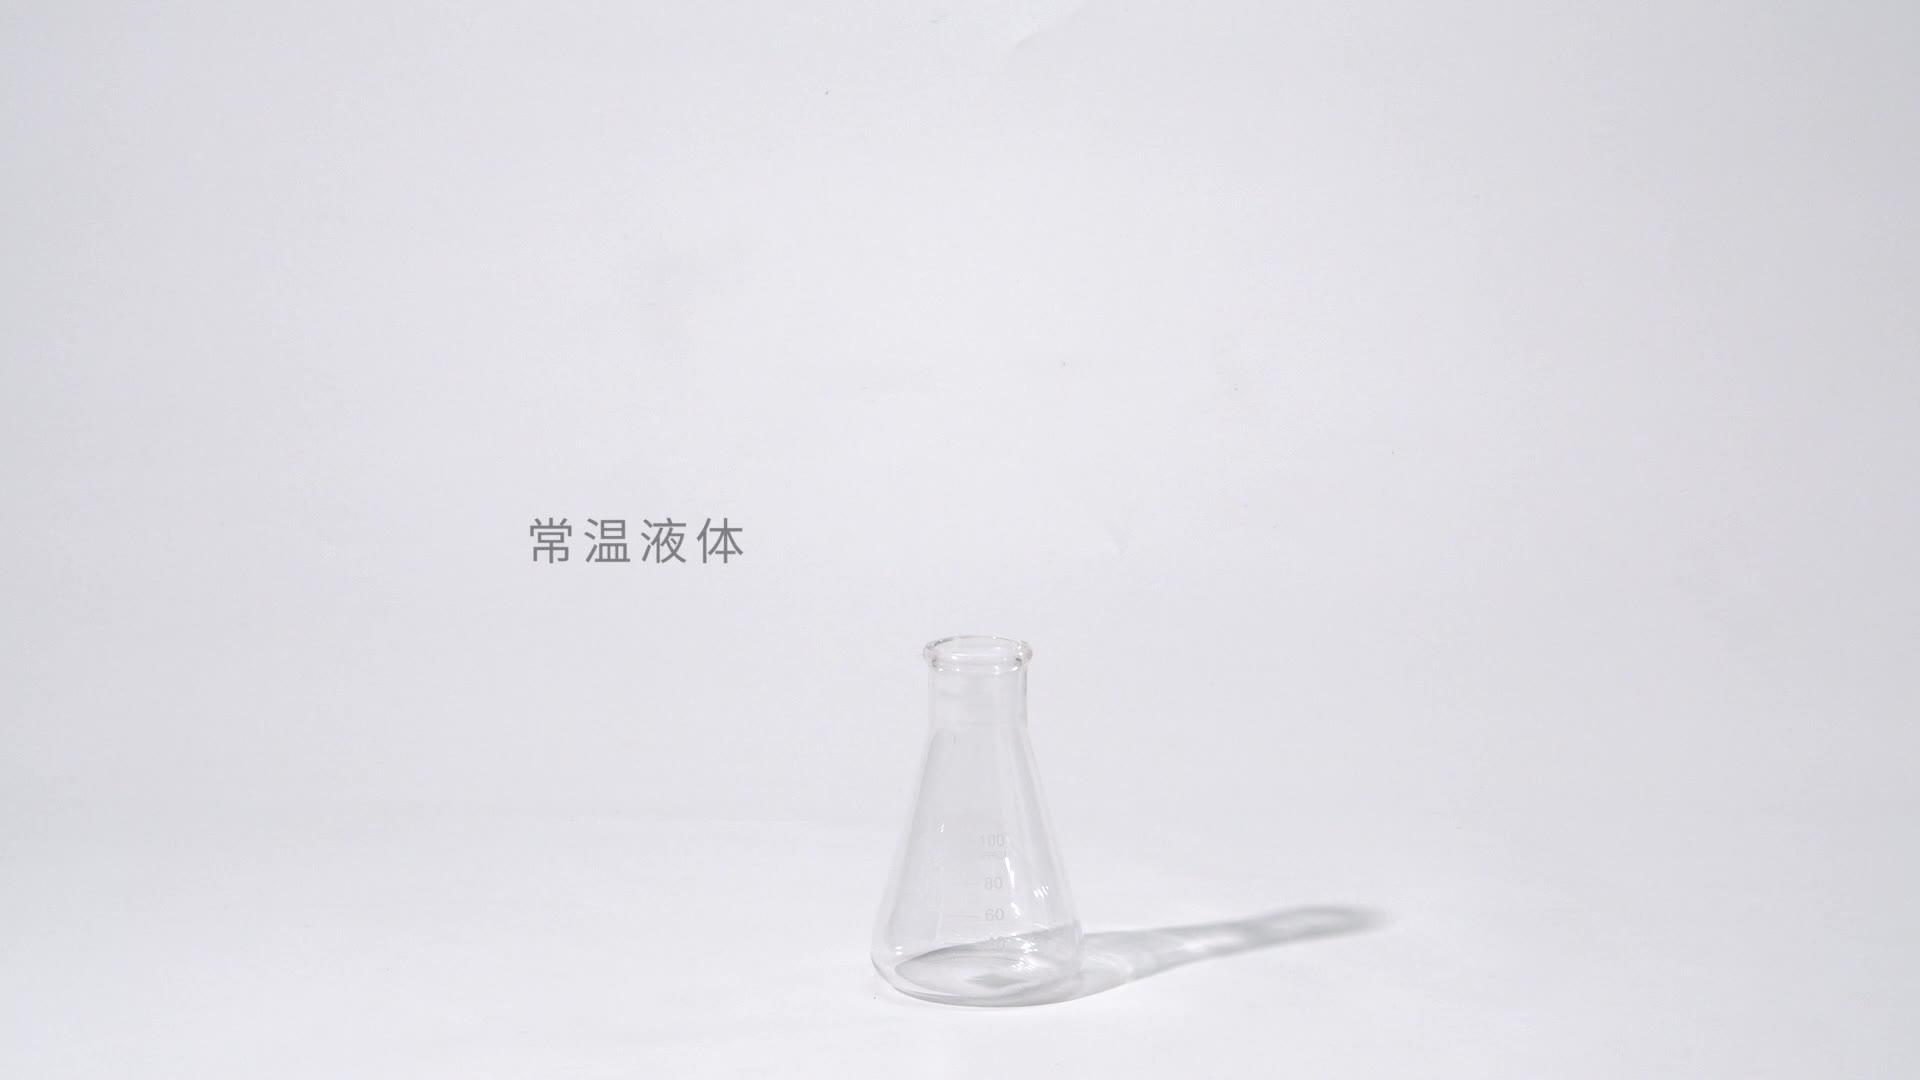 13.1 热胀冷缩-【火花学院】人教版九年级物理